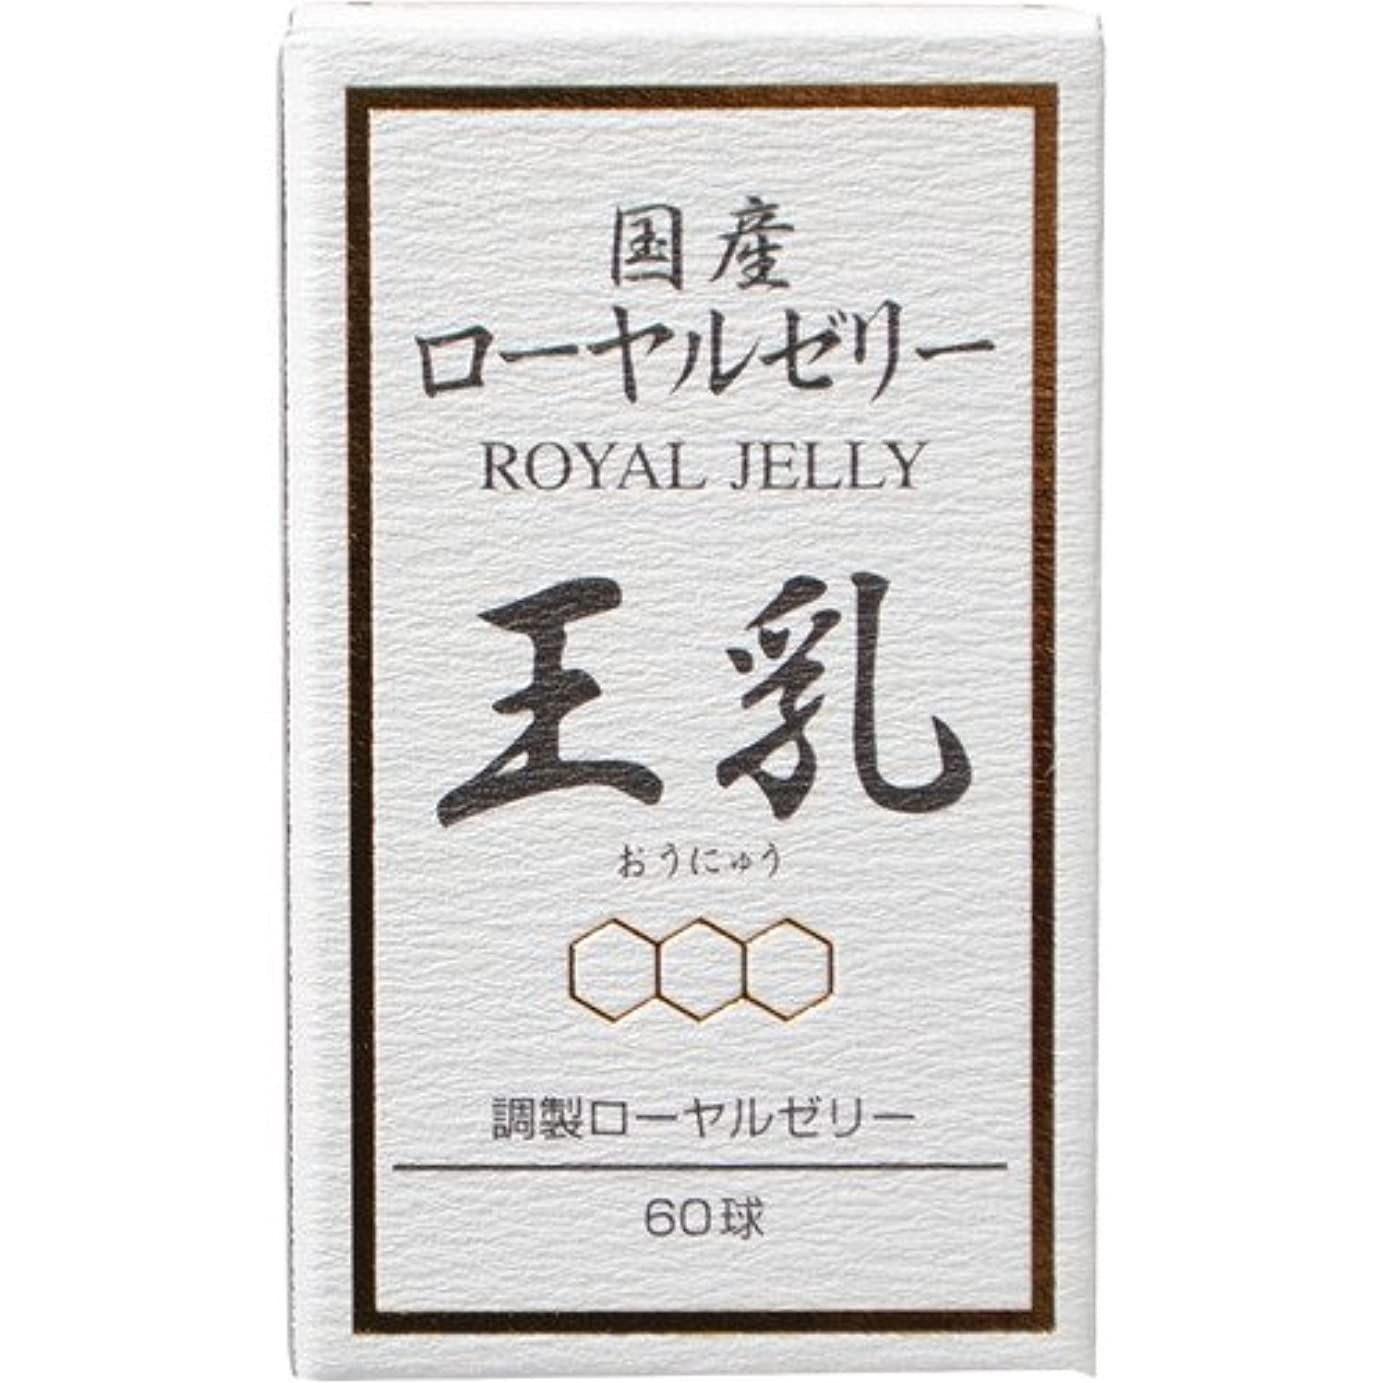 藤井養蜂場 国産ローヤルゼリーカプセル 王乳 60球